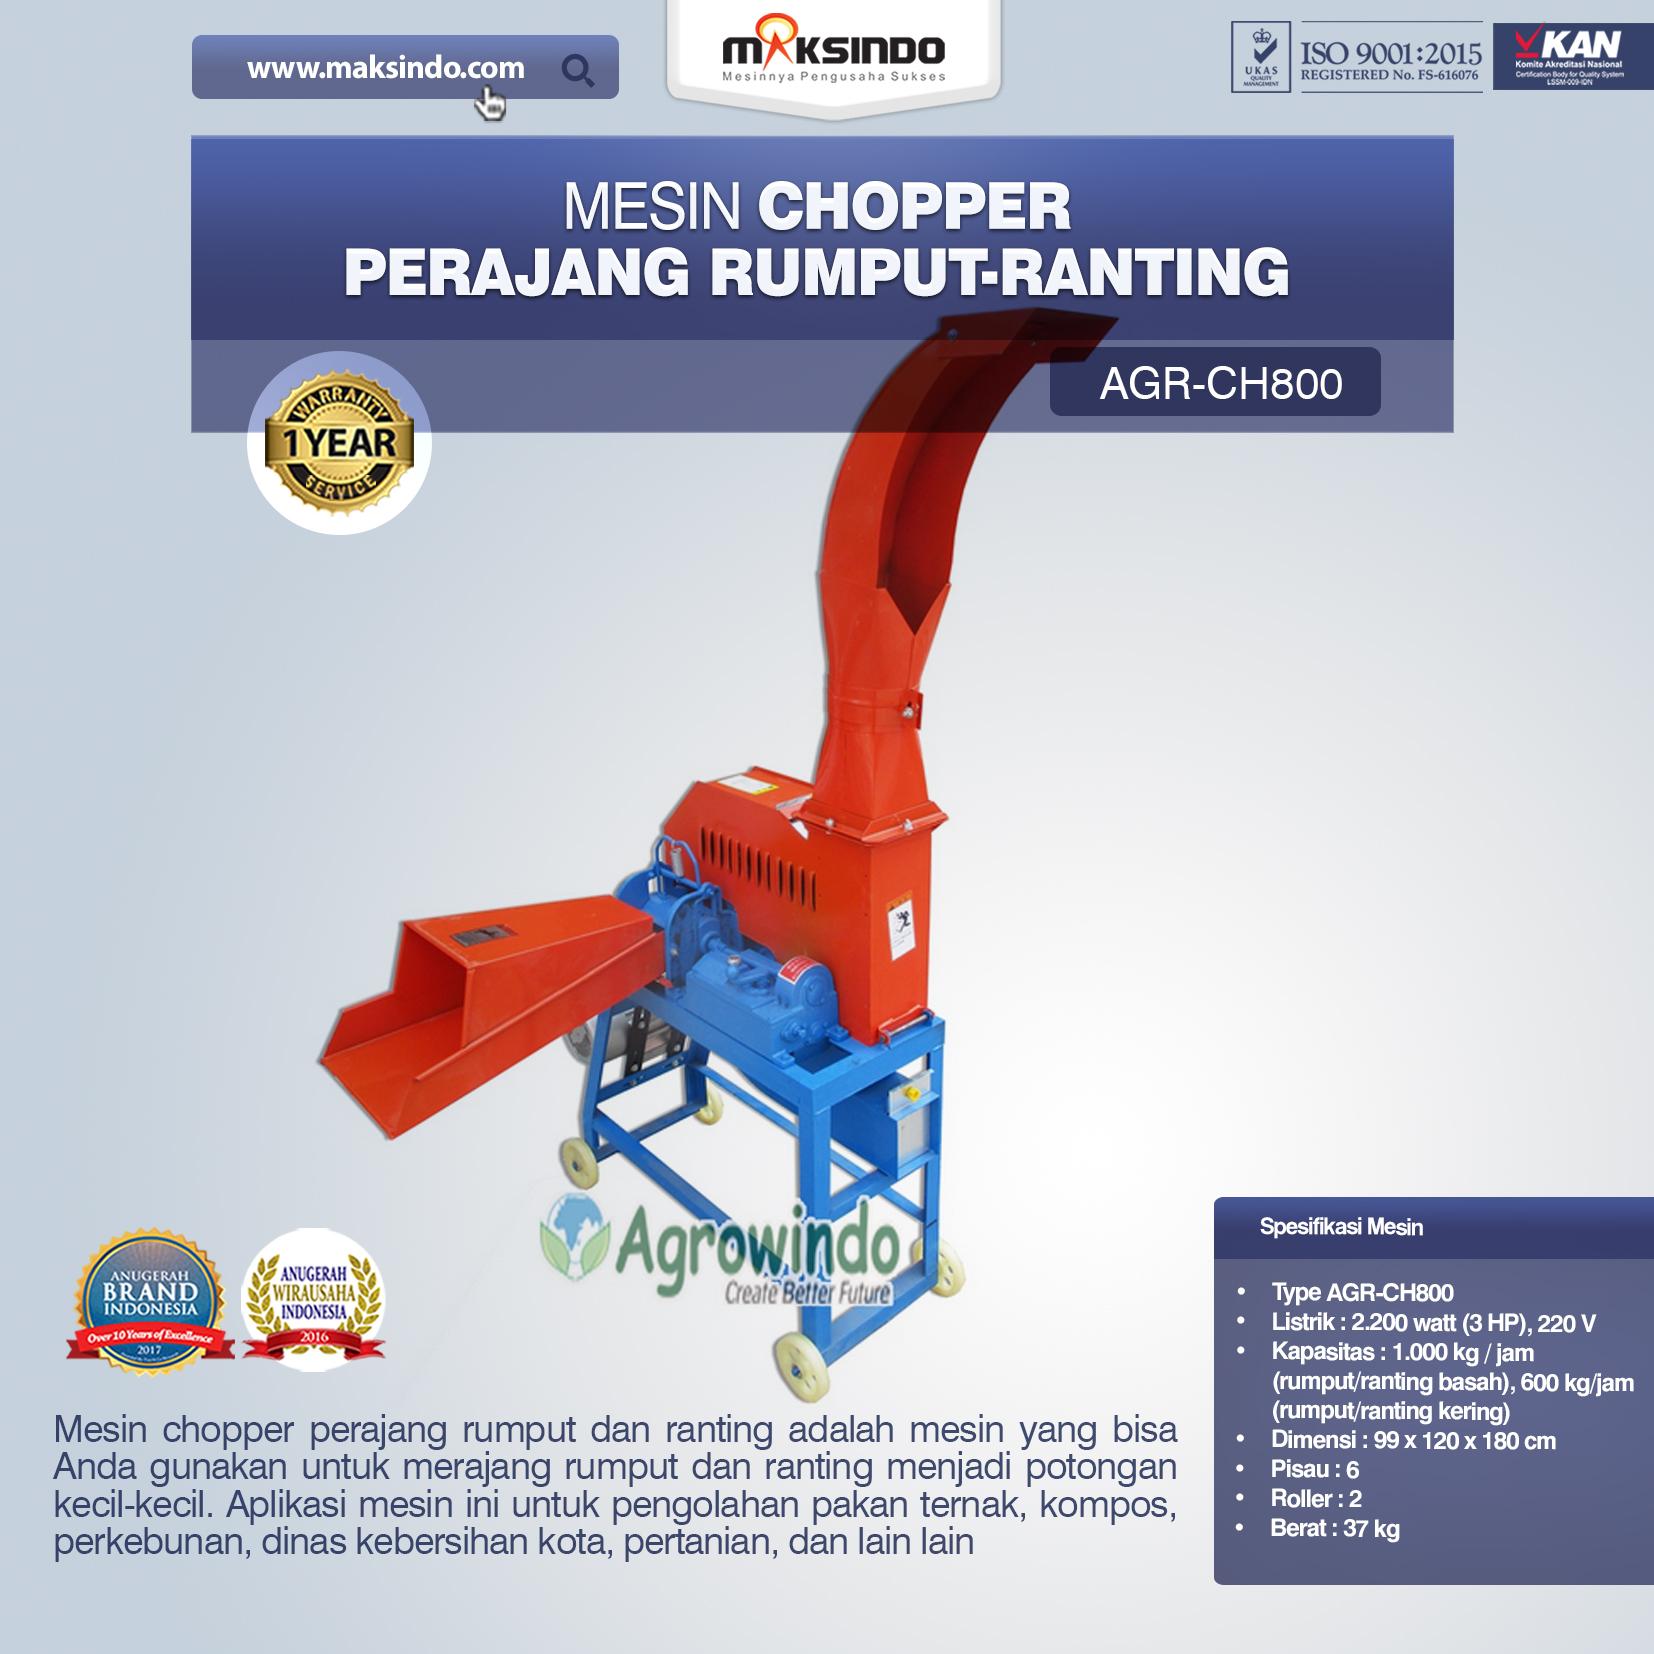 Jual Mesin Chopper Perajang Rumput-Ranting AGR-CH800 di Bali